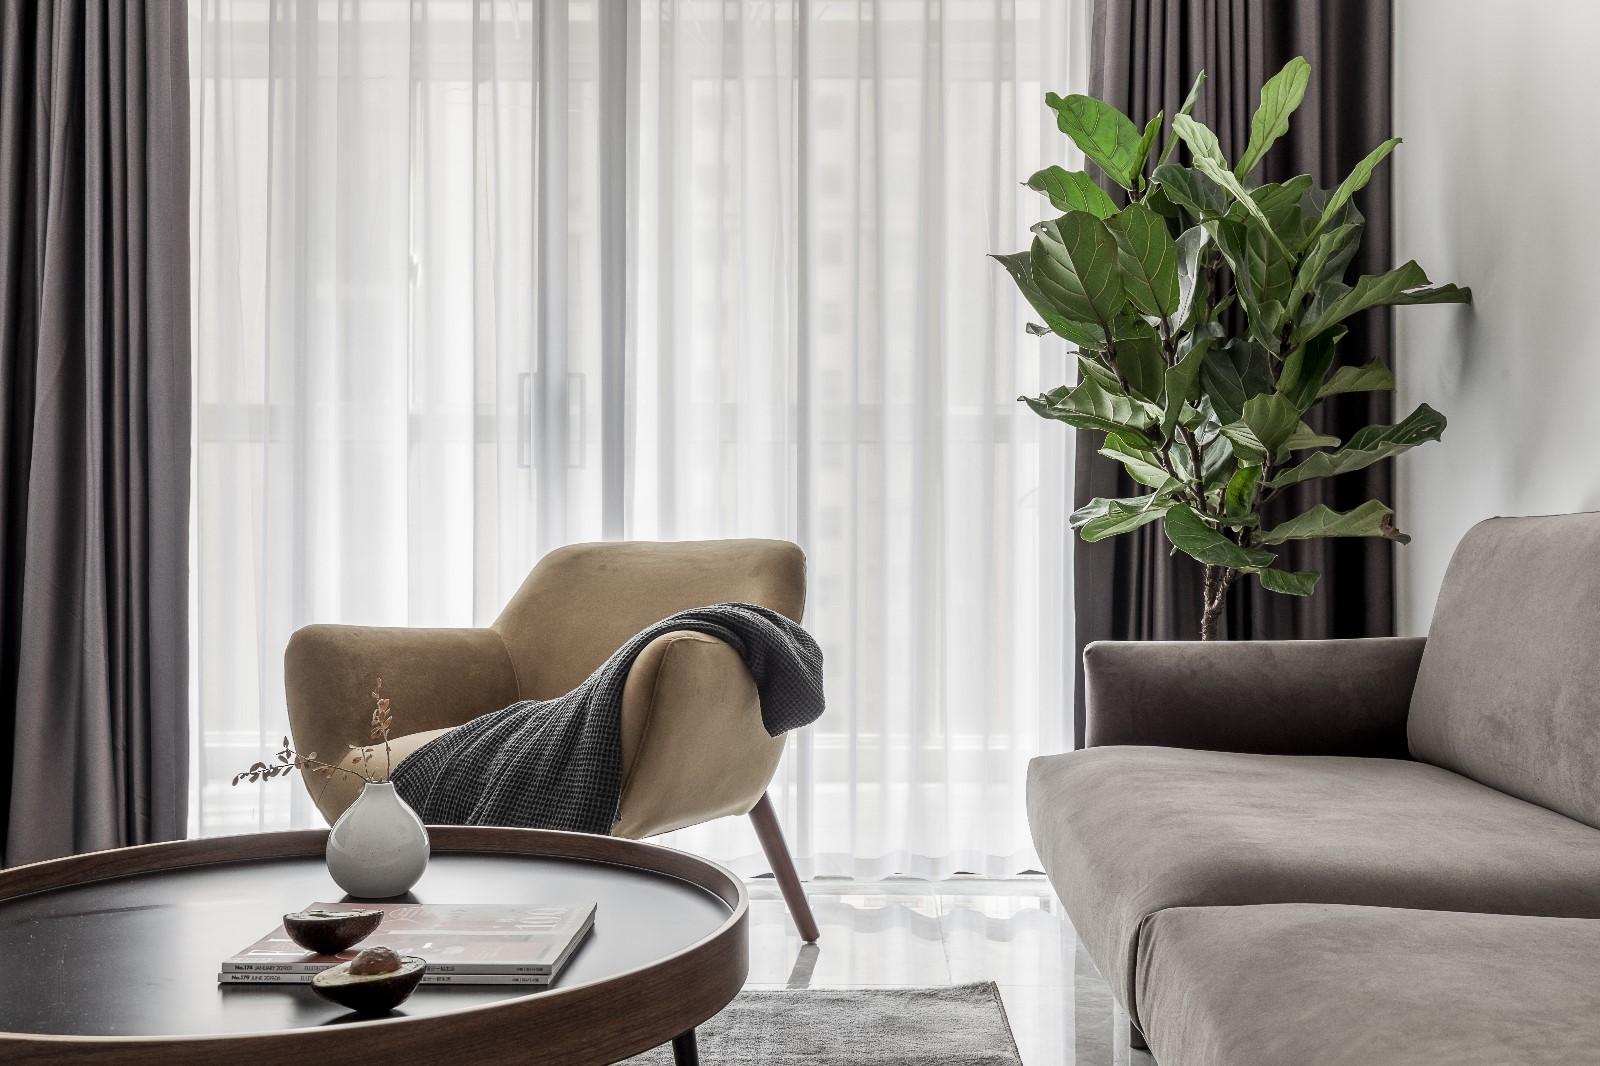 清新日光居、三口之家客厅4图北欧极简客厅设计图片赏析